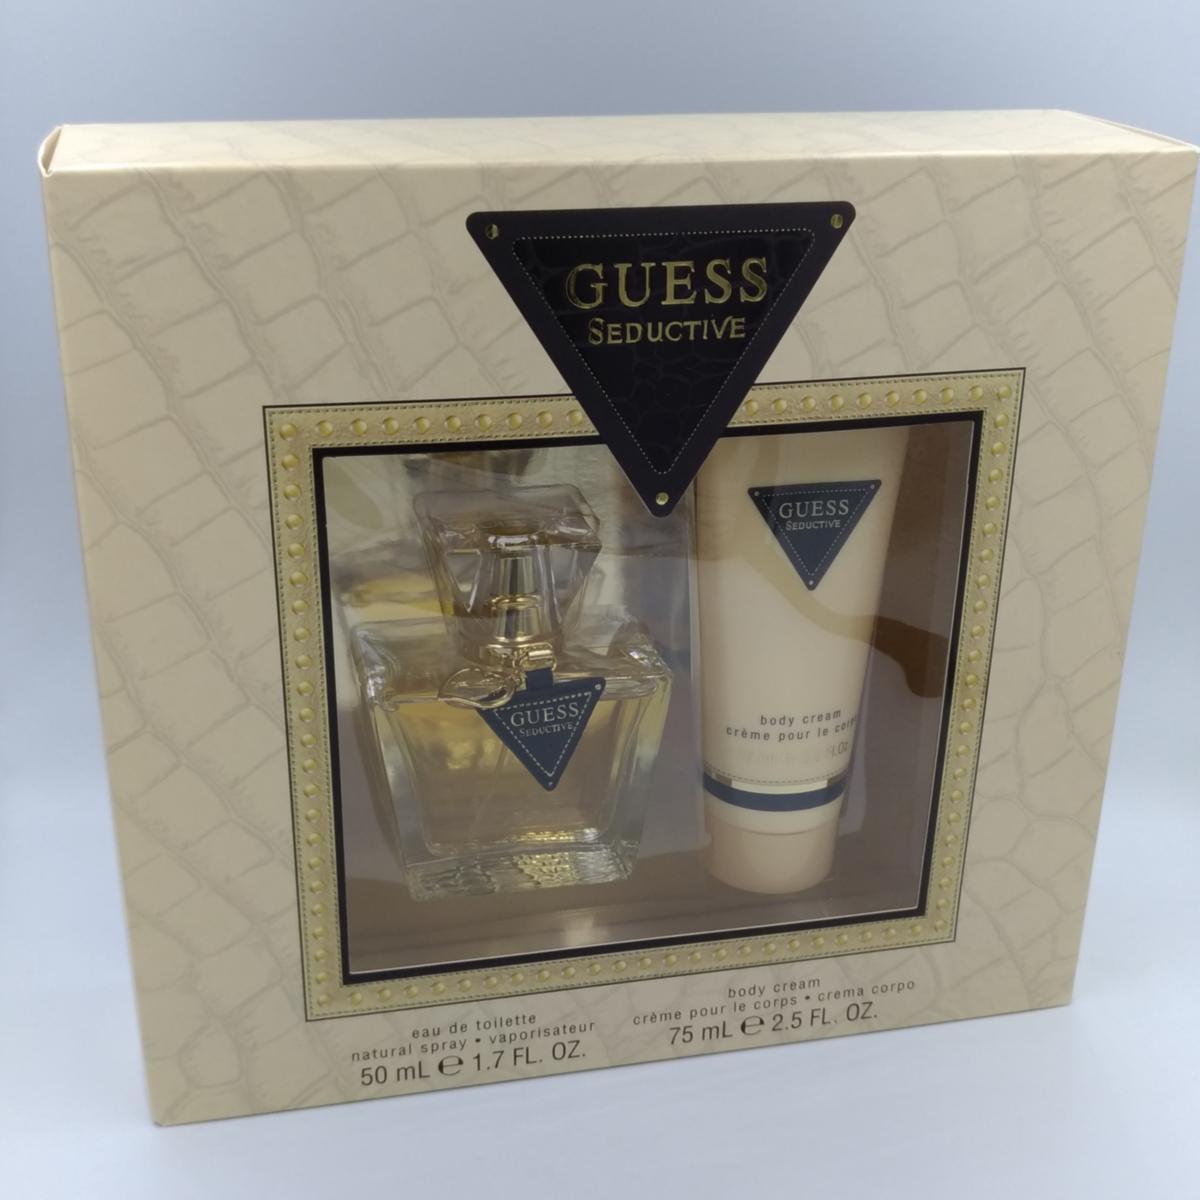 Coffret parfum Guess Seductive